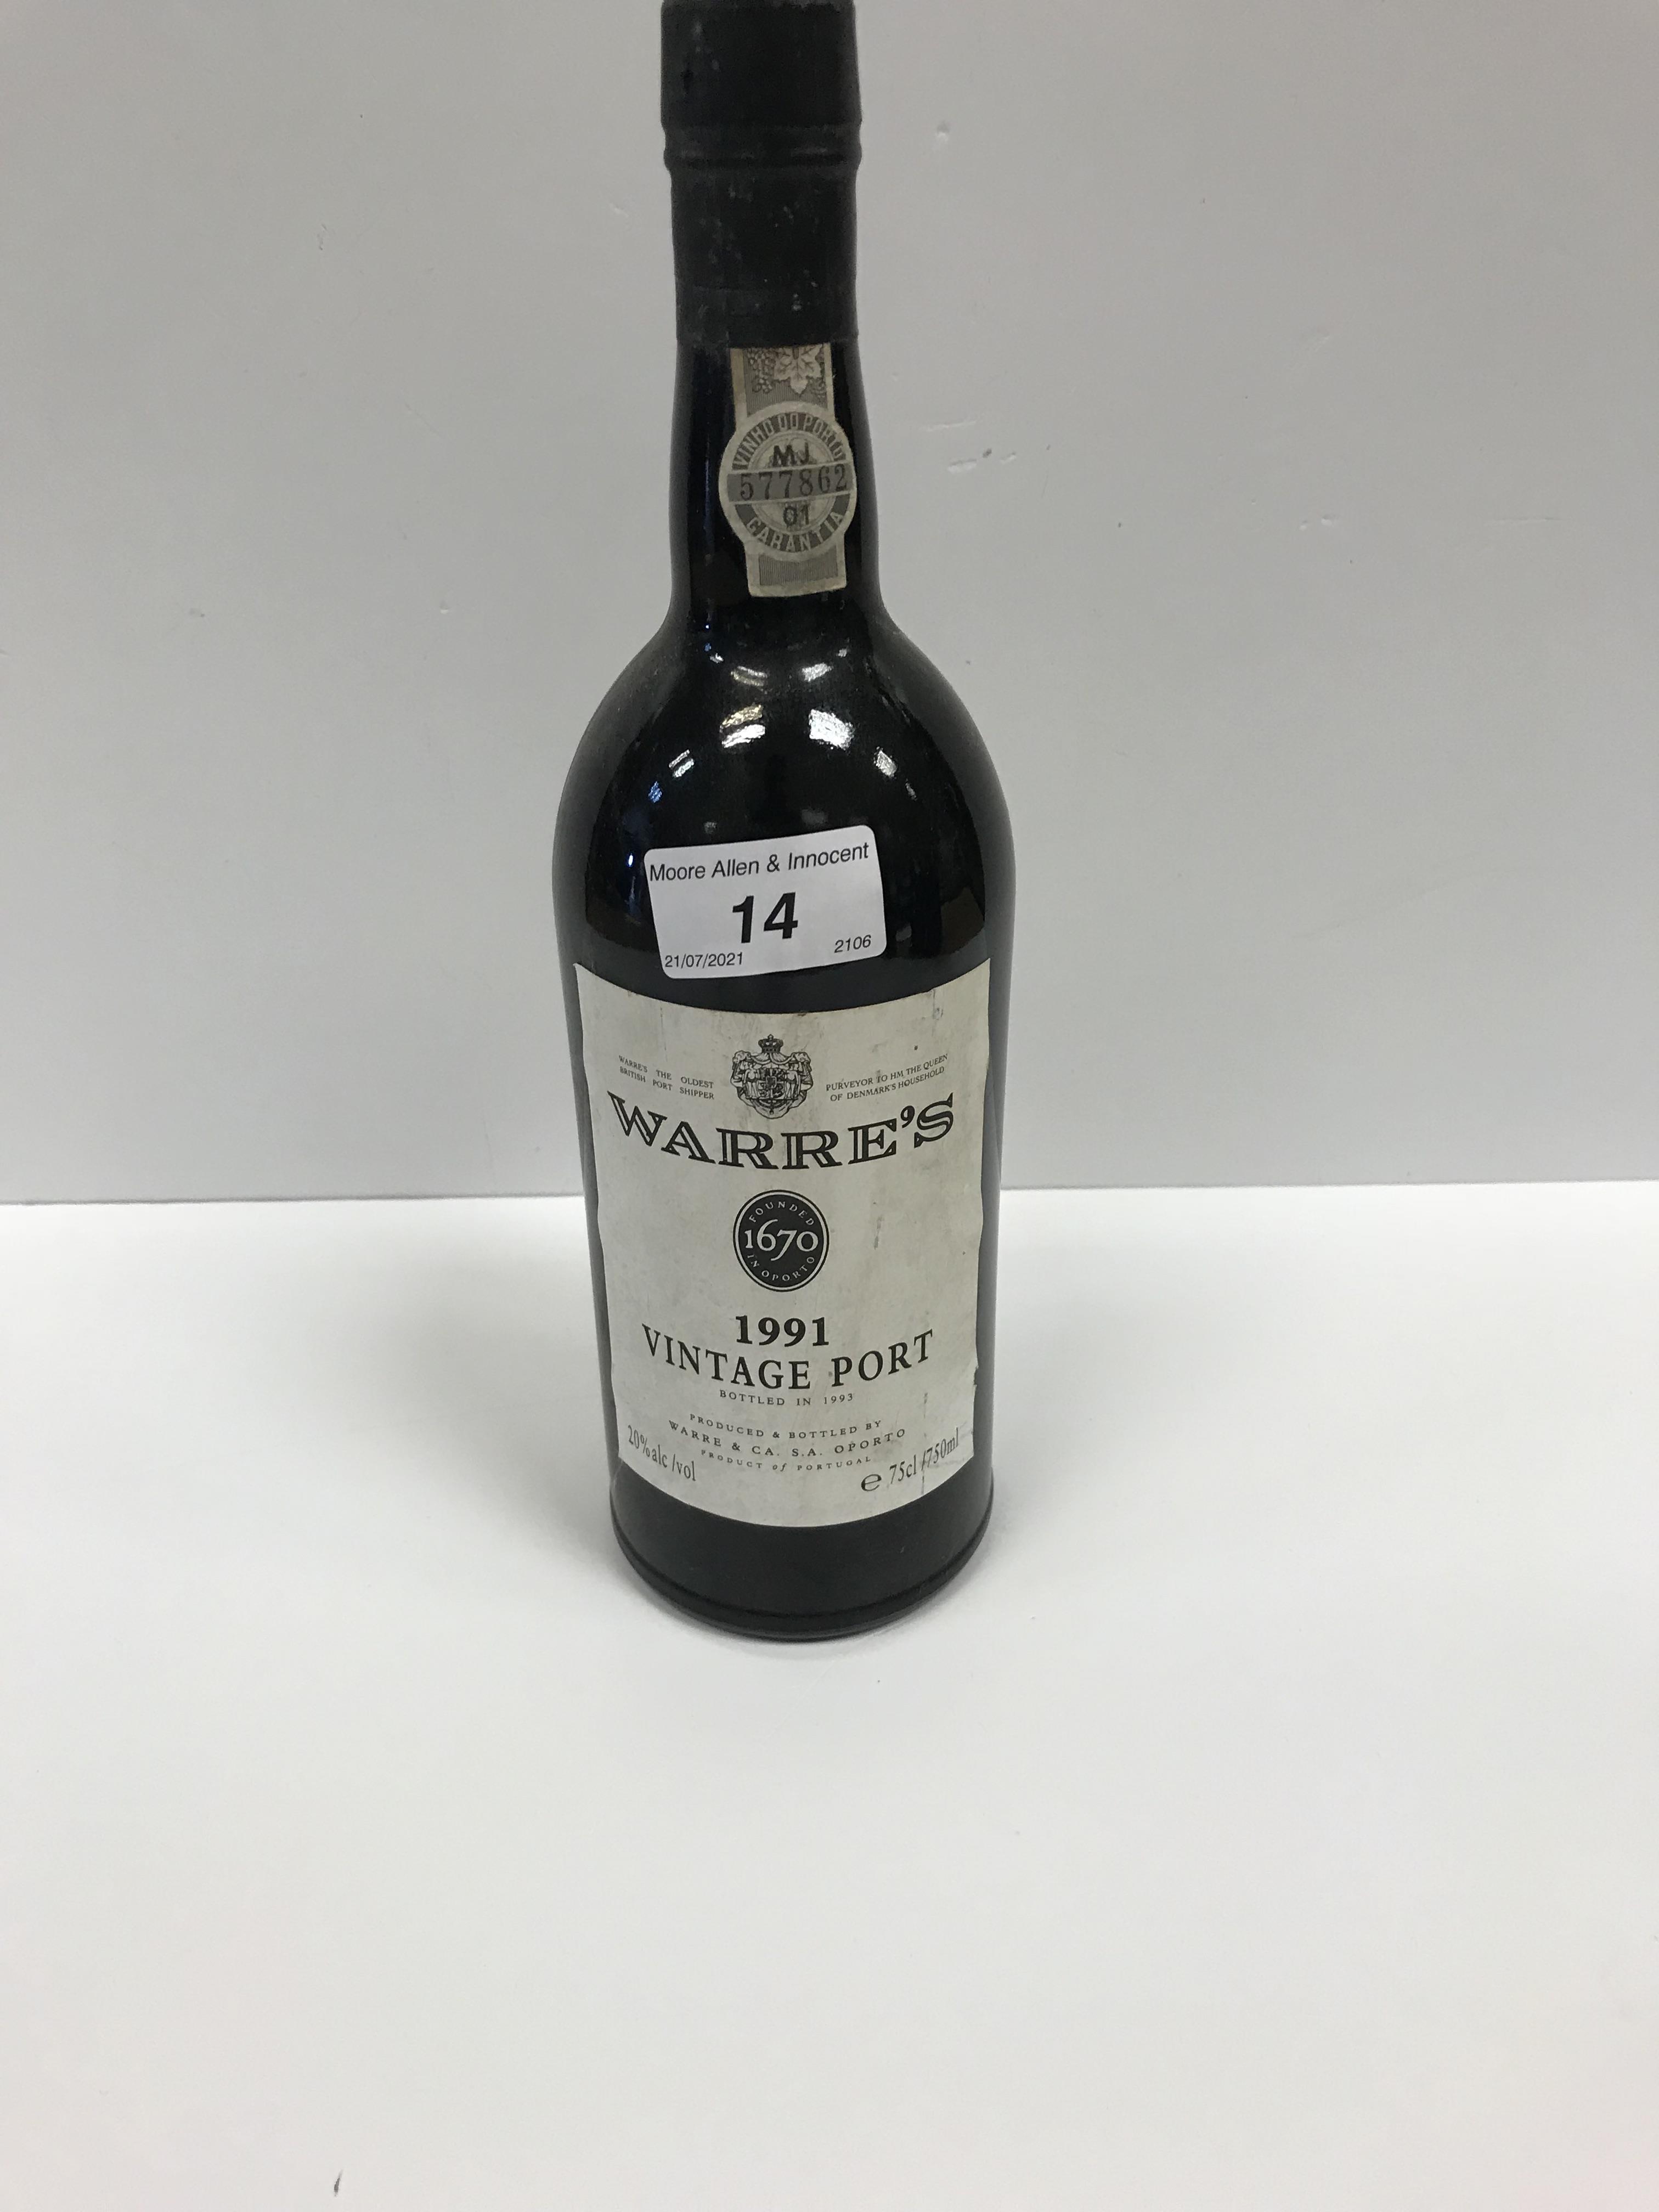 Chateau Ducru Beaucaillou Saint Julien 1995 x 1 bottle, Warre's Vintage Port 1991 x 1 bottle, - Image 3 of 14